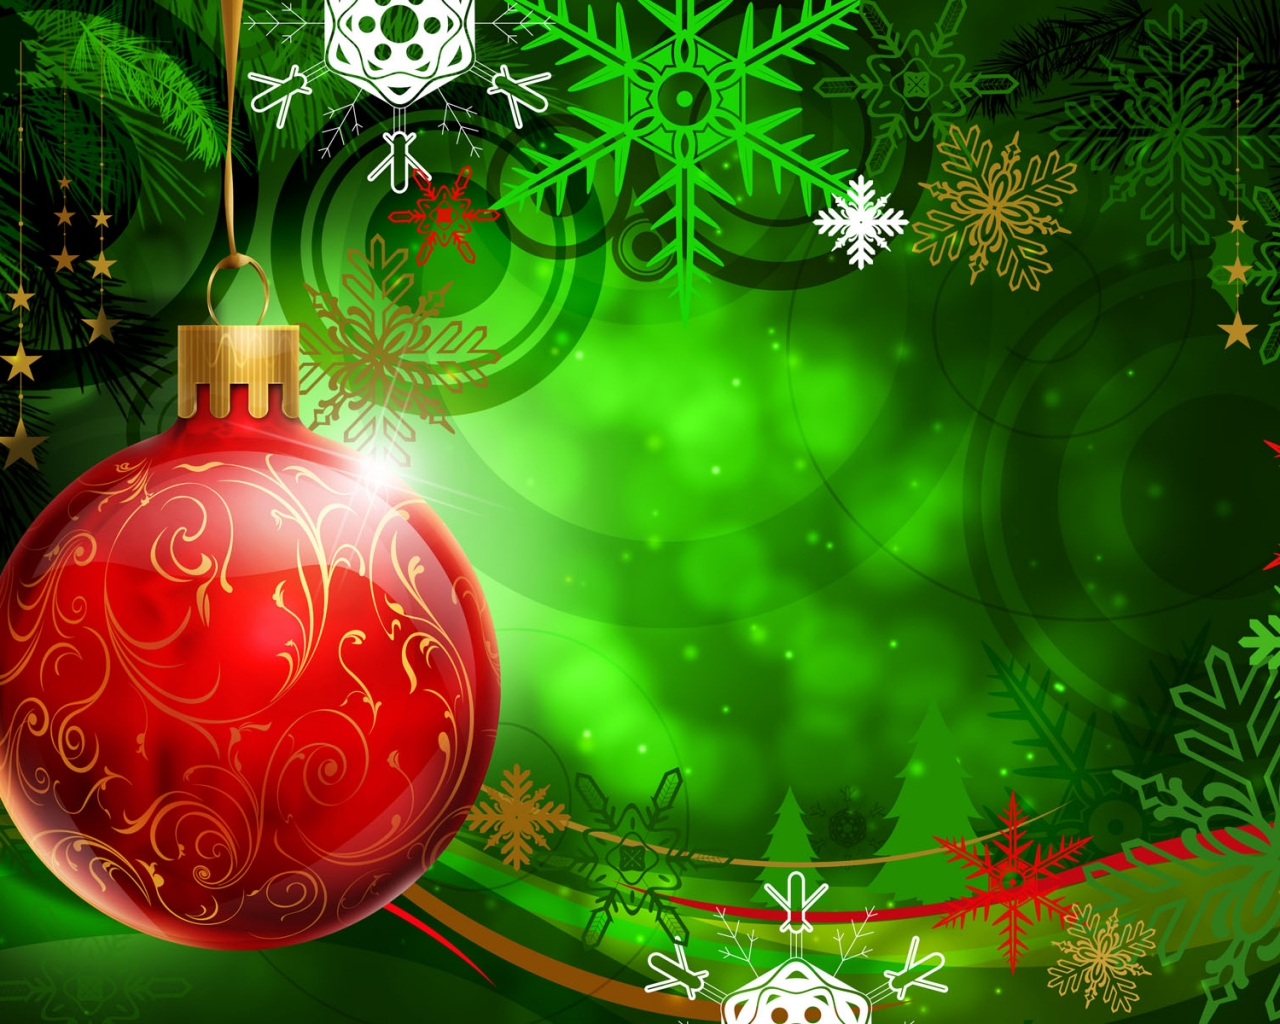 Una esfera roja en arbol de navidad dibujo - 1280x1024